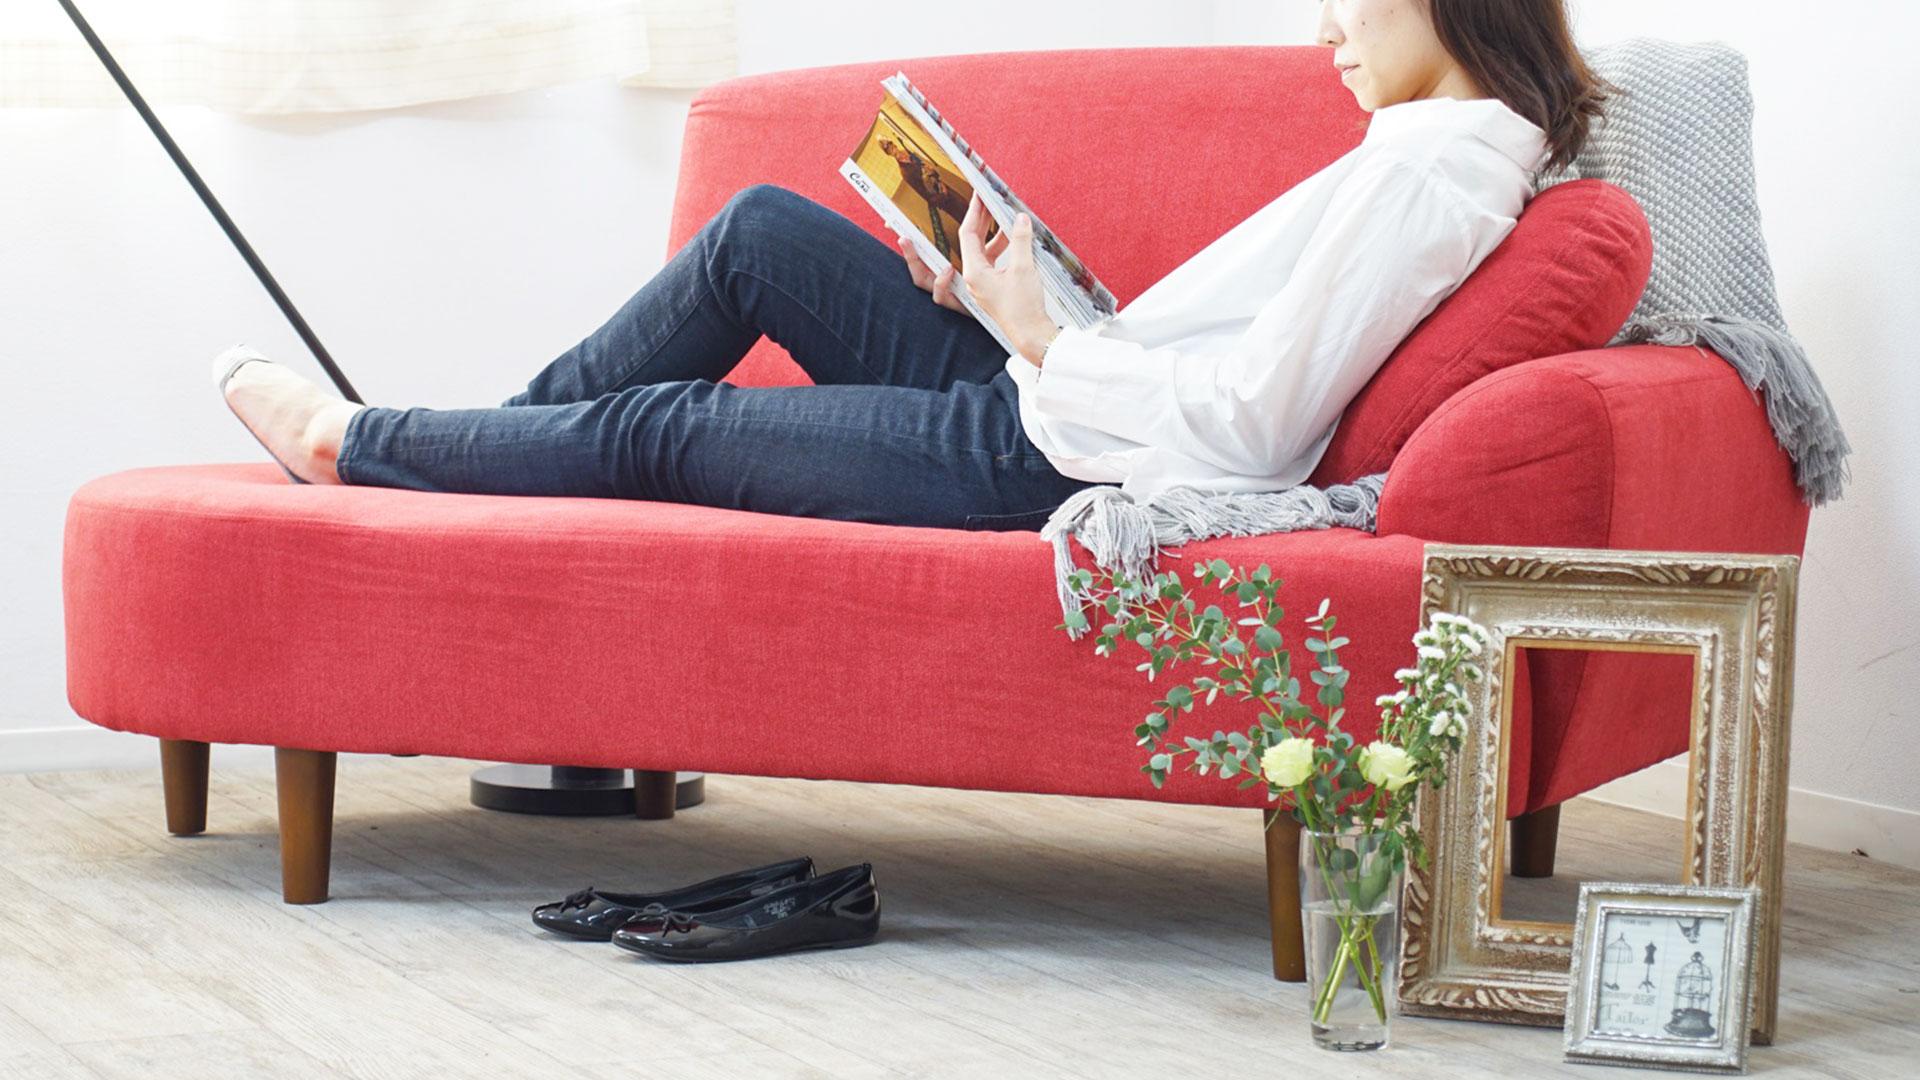 リビンズの2人掛けソファ「マチルダ」の脚を伸ばしてくつろいでる画像